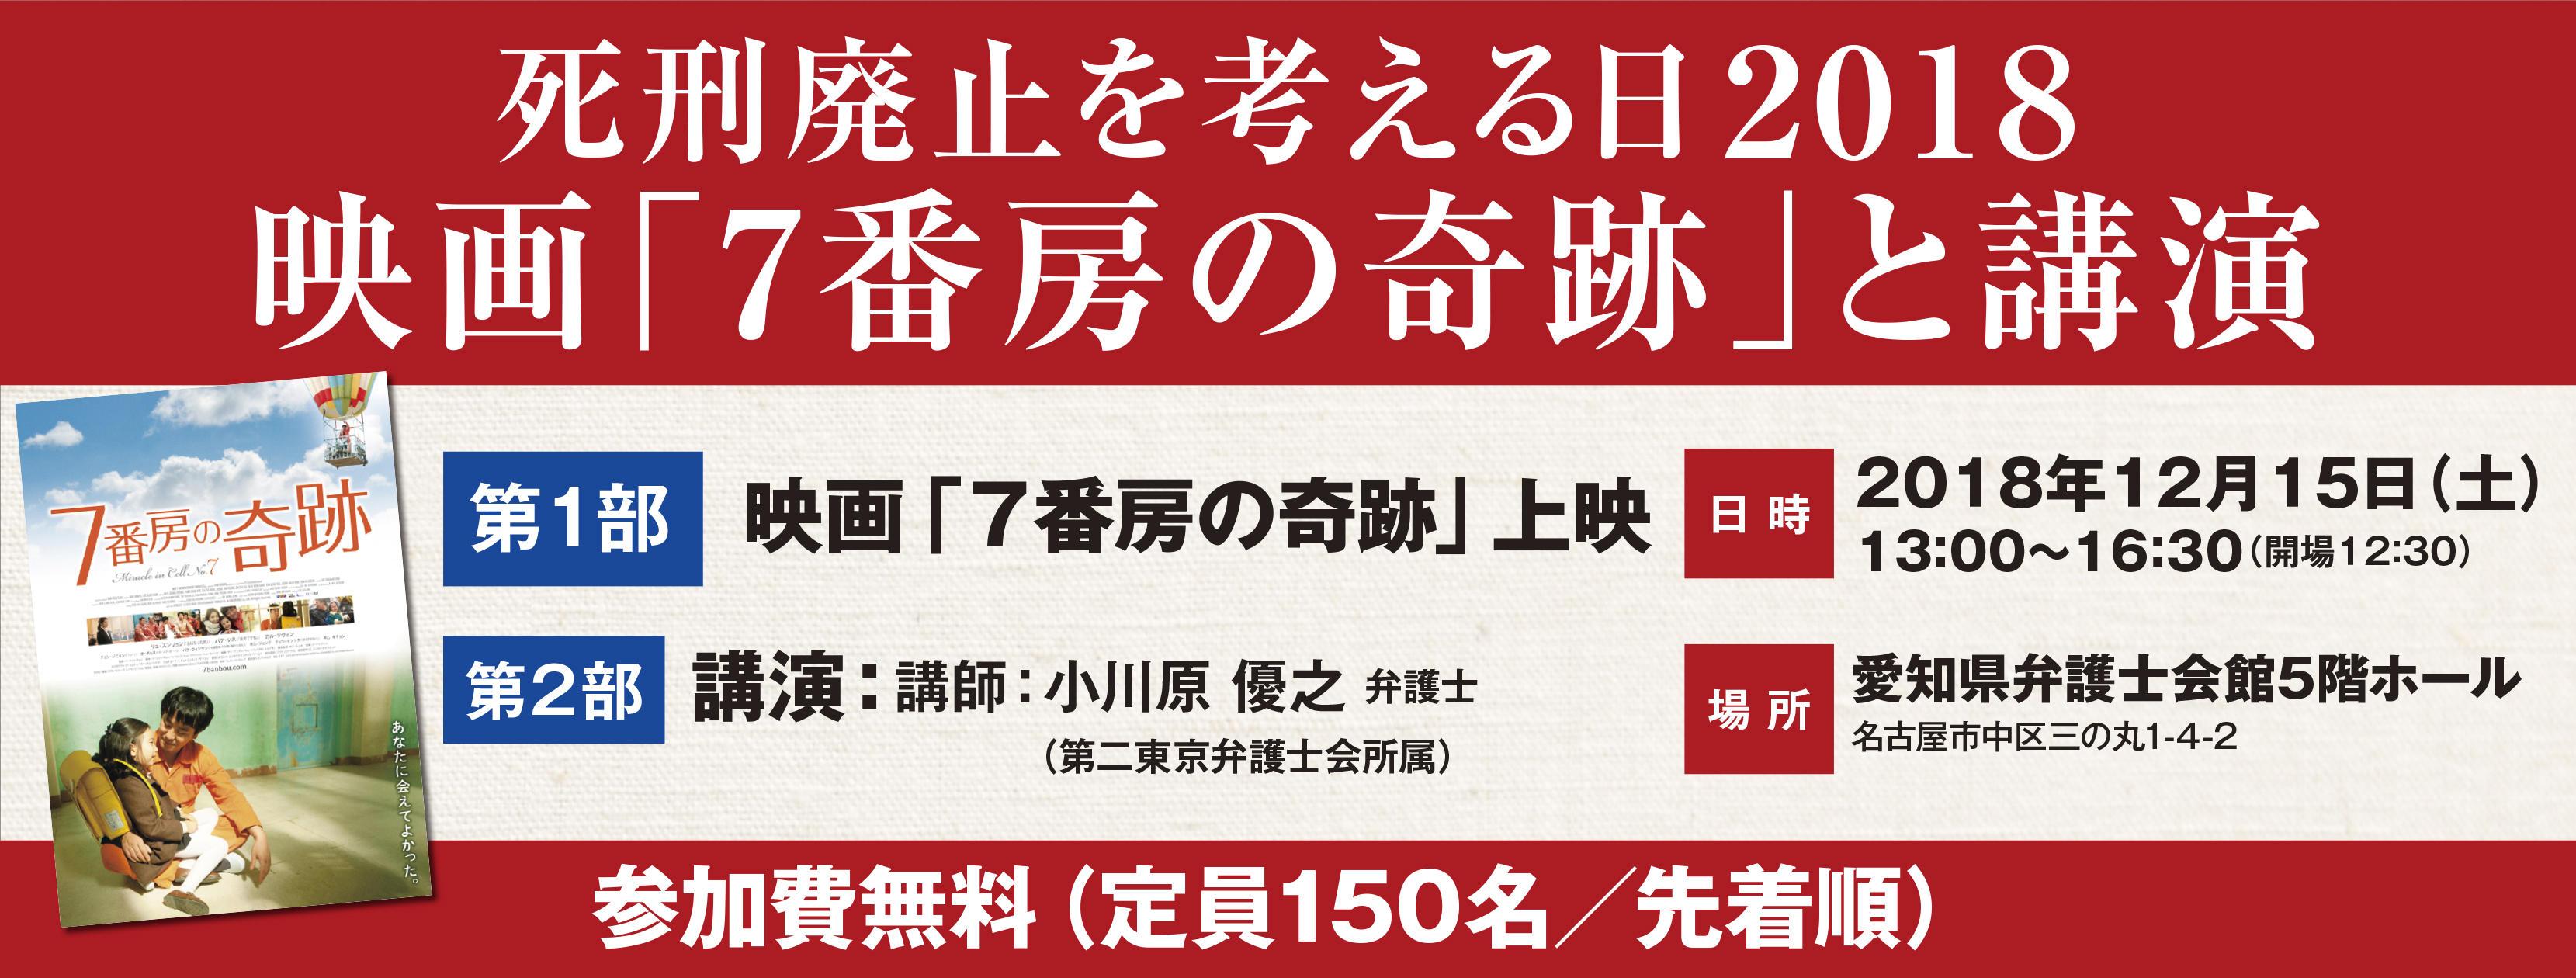 shikeihaishi2018_banner.jpg